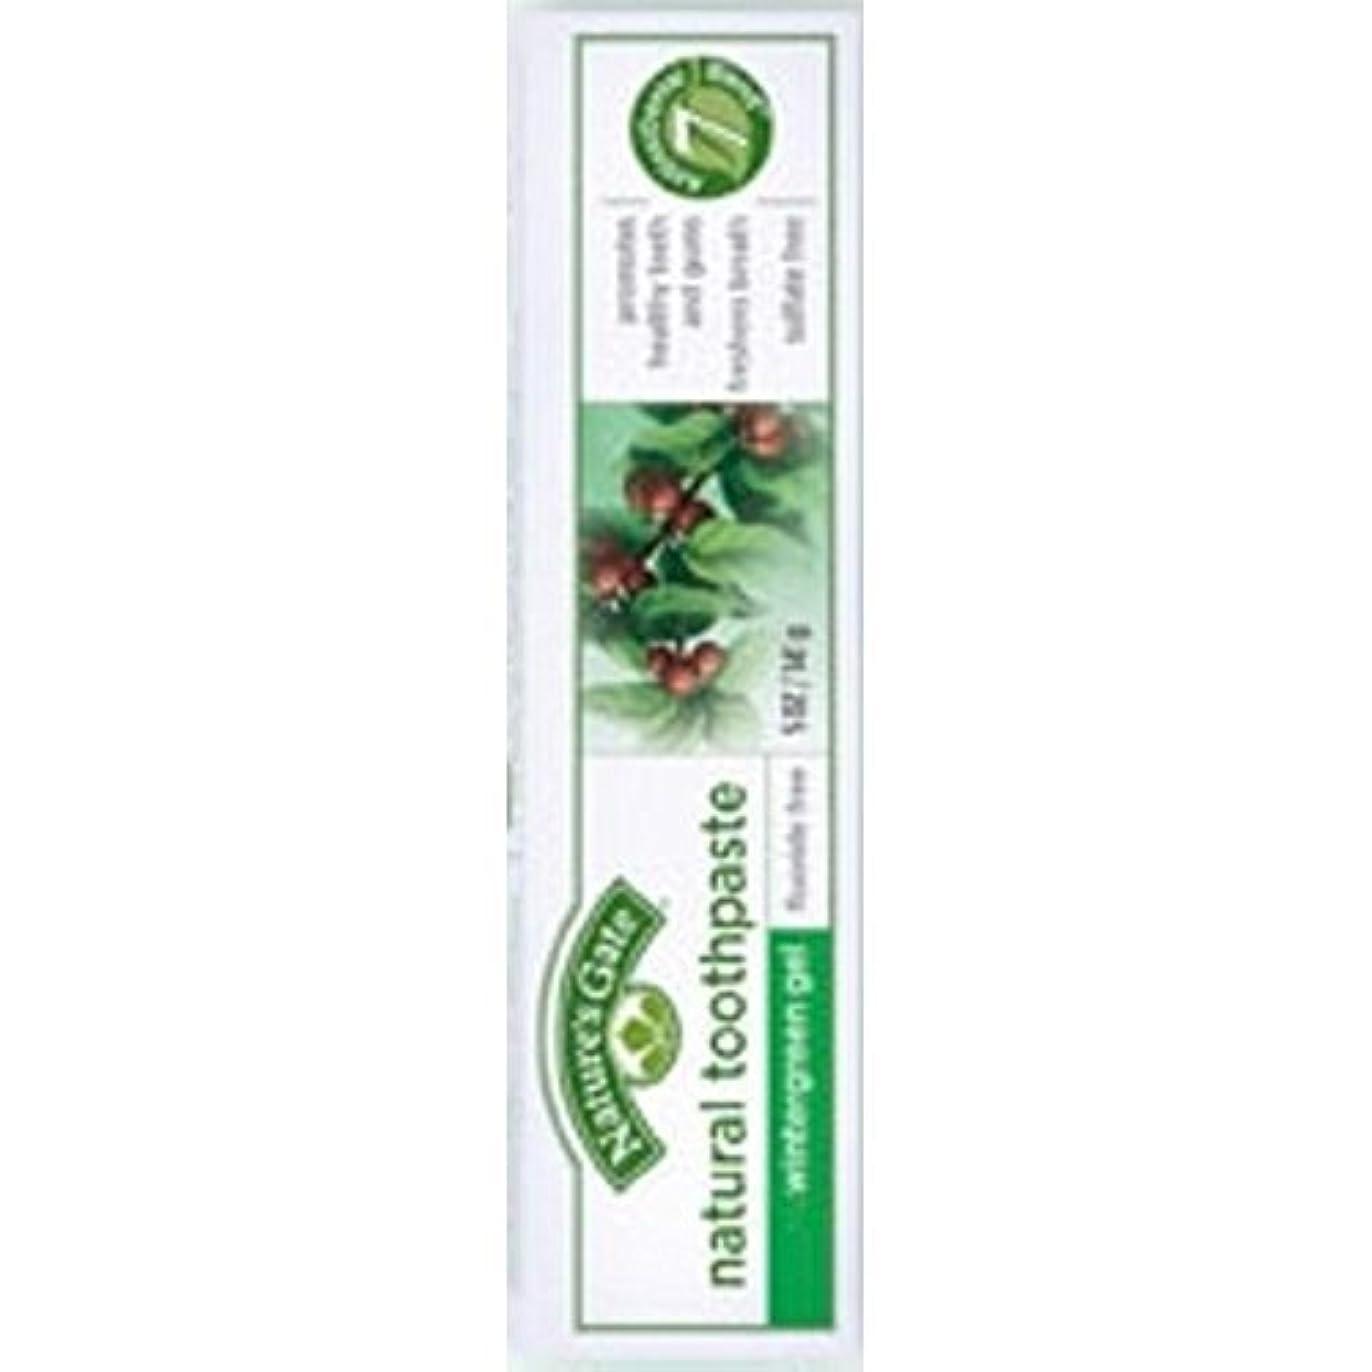 厳しい嘆願結婚するNature's Gate Natural Toothpaste Gel Flouride Free Wintergreen - 5 oz - Case of 6 by Nature's Gate [並行輸入品]